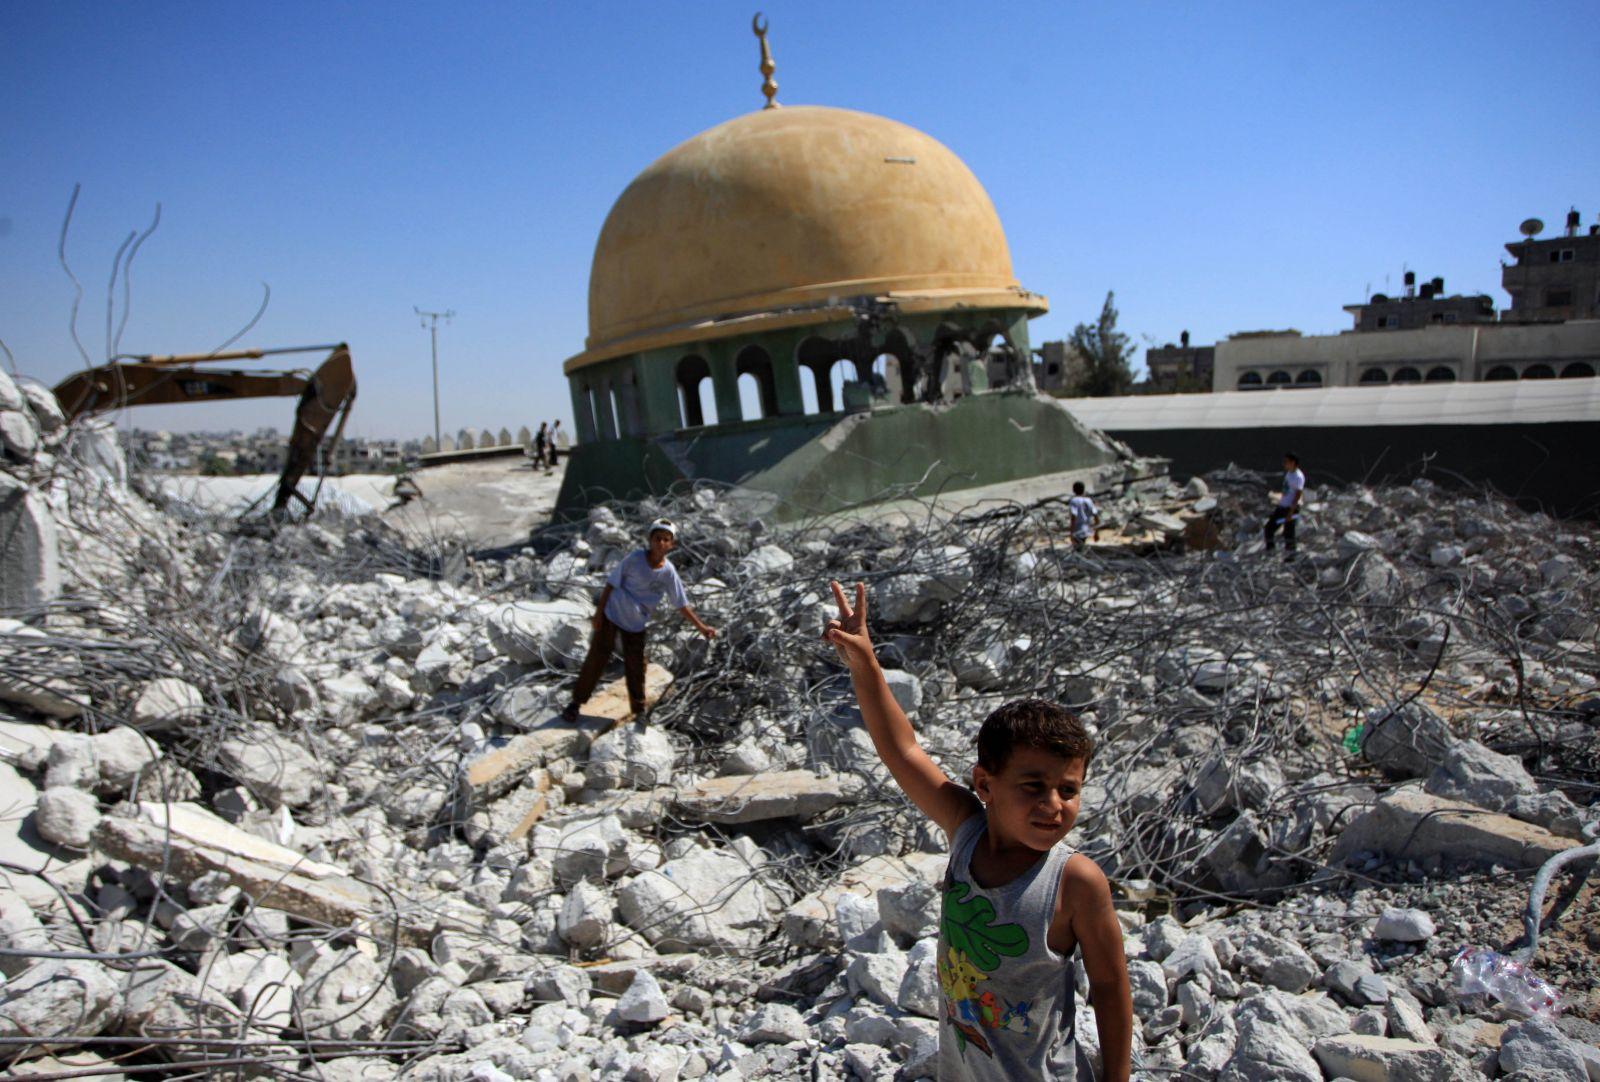 الأوروبيون يحملون السلطة الفلسطينية والعرب مسؤولية تعثر إعمار قطاع غزة - وكالة فلسطين اليوم